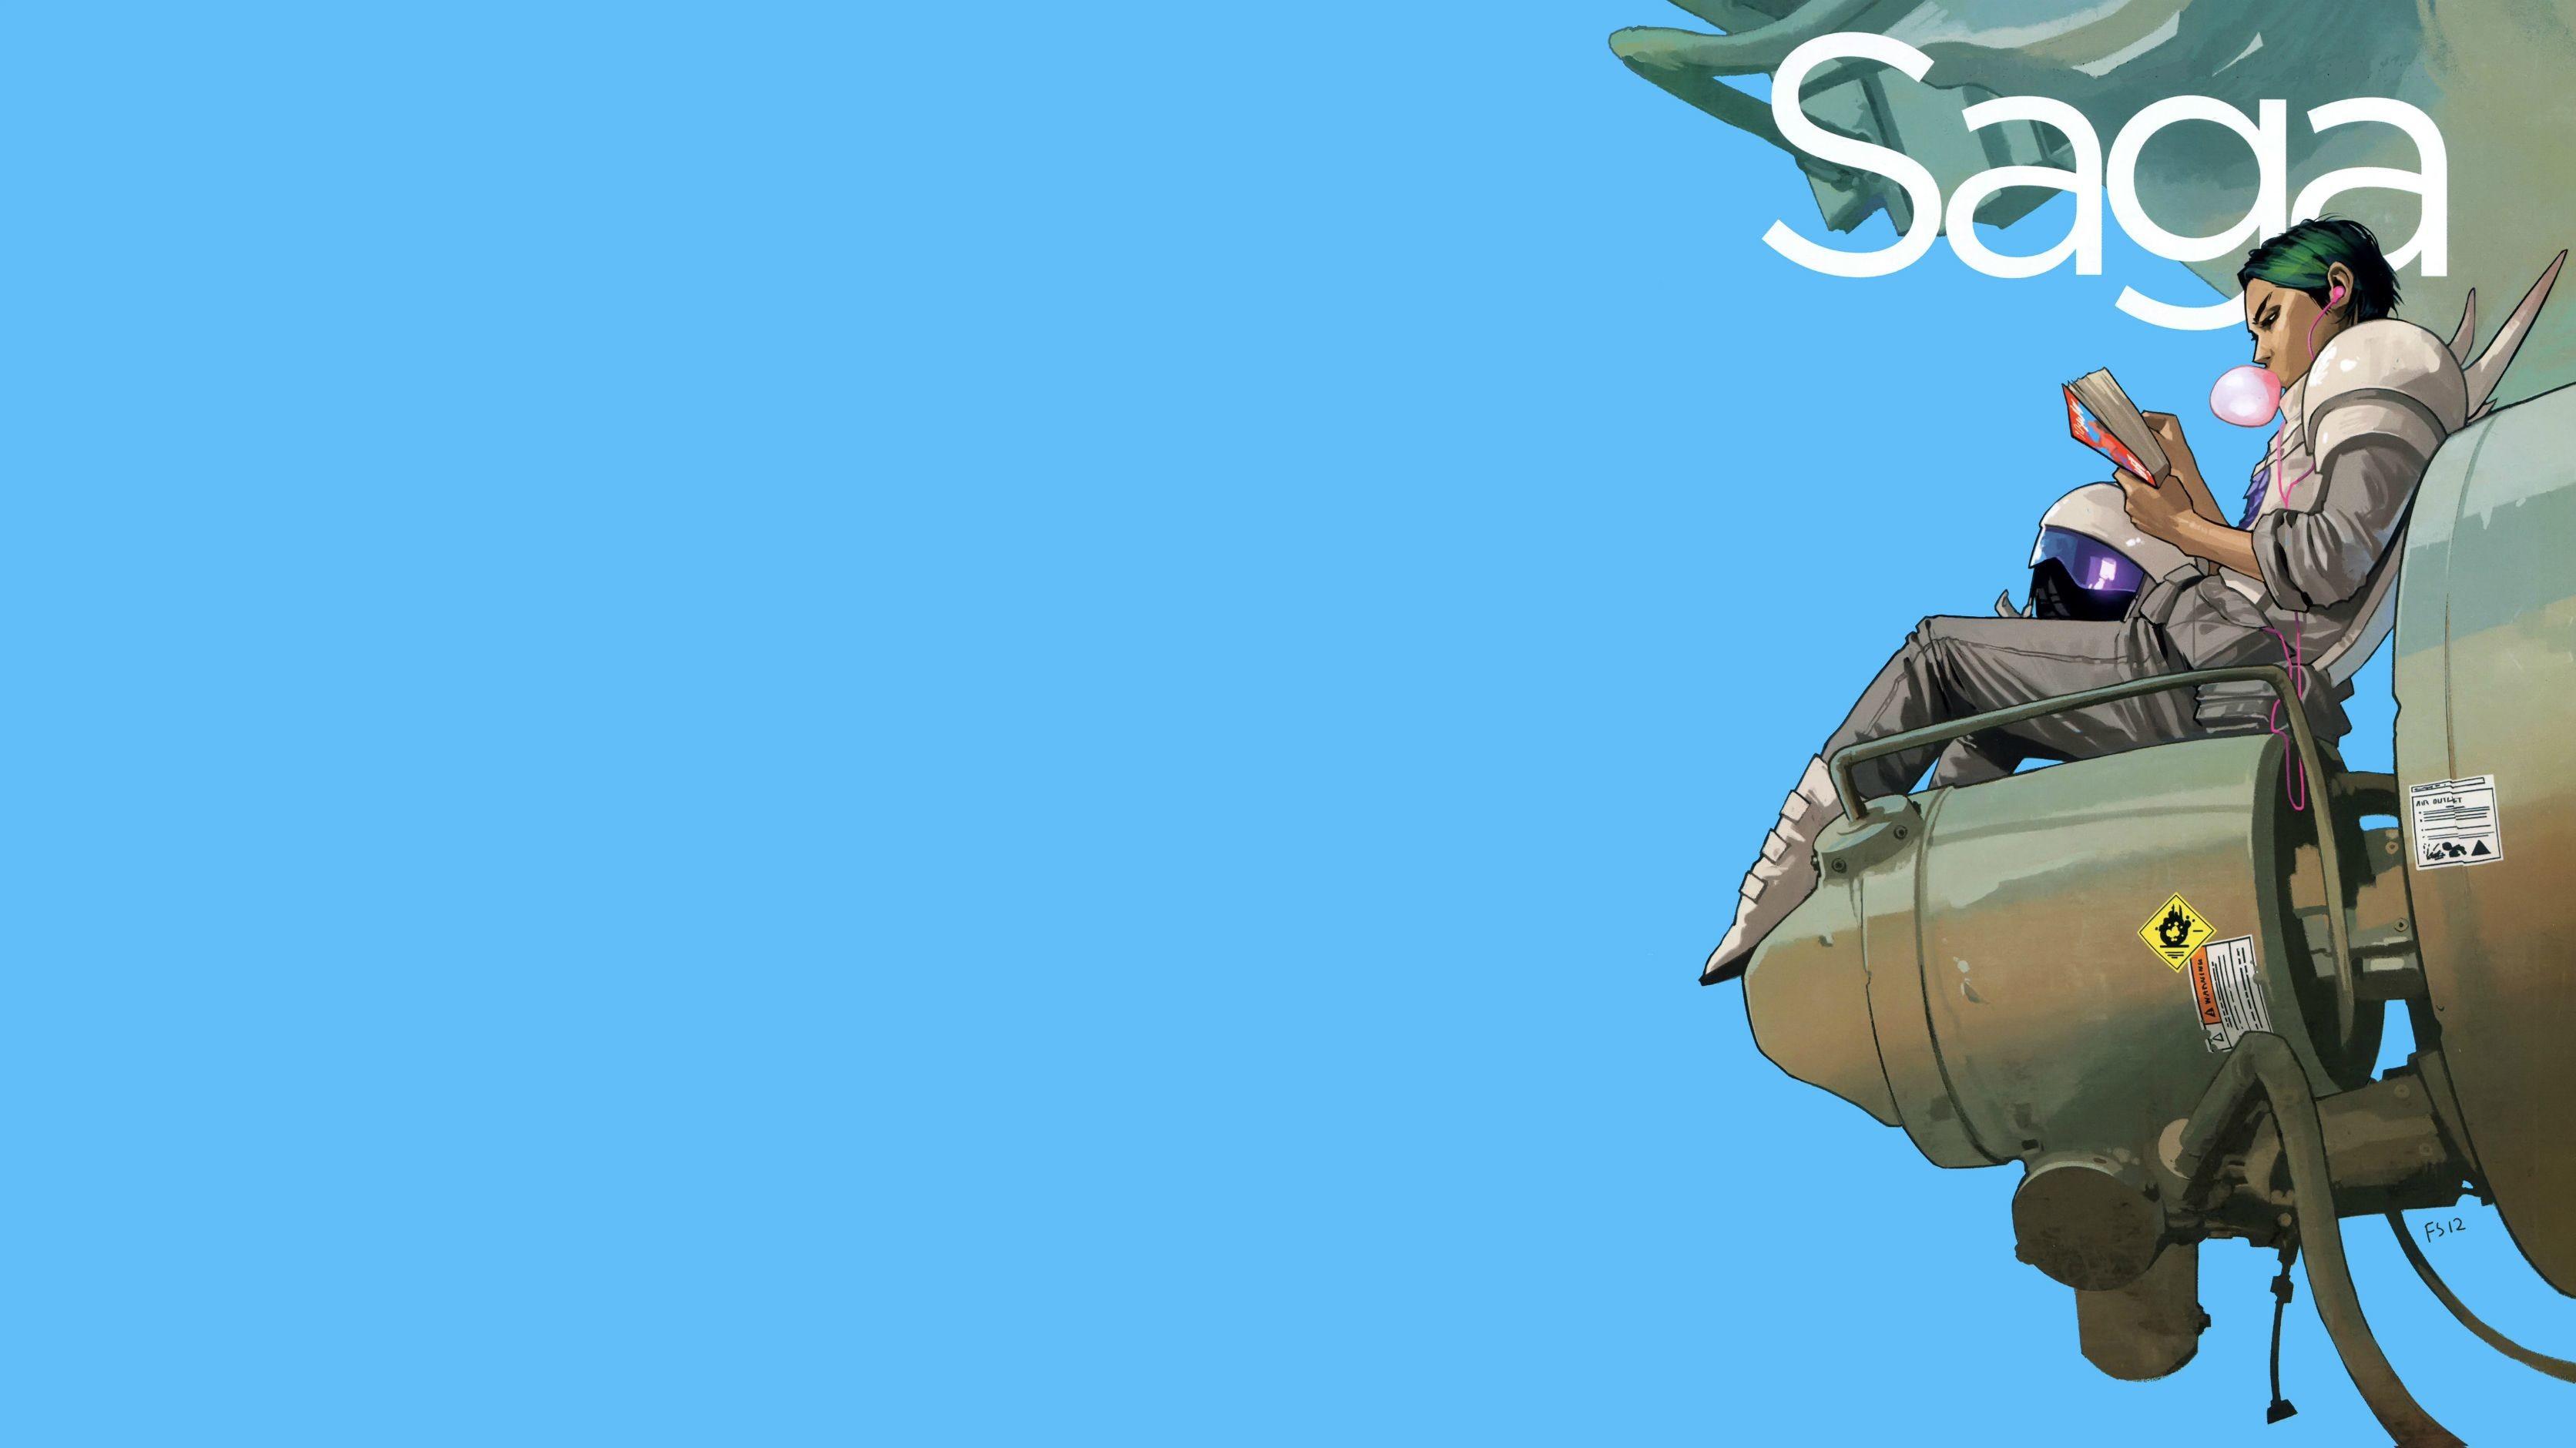 Saga Comic Wallpaper 69 Images